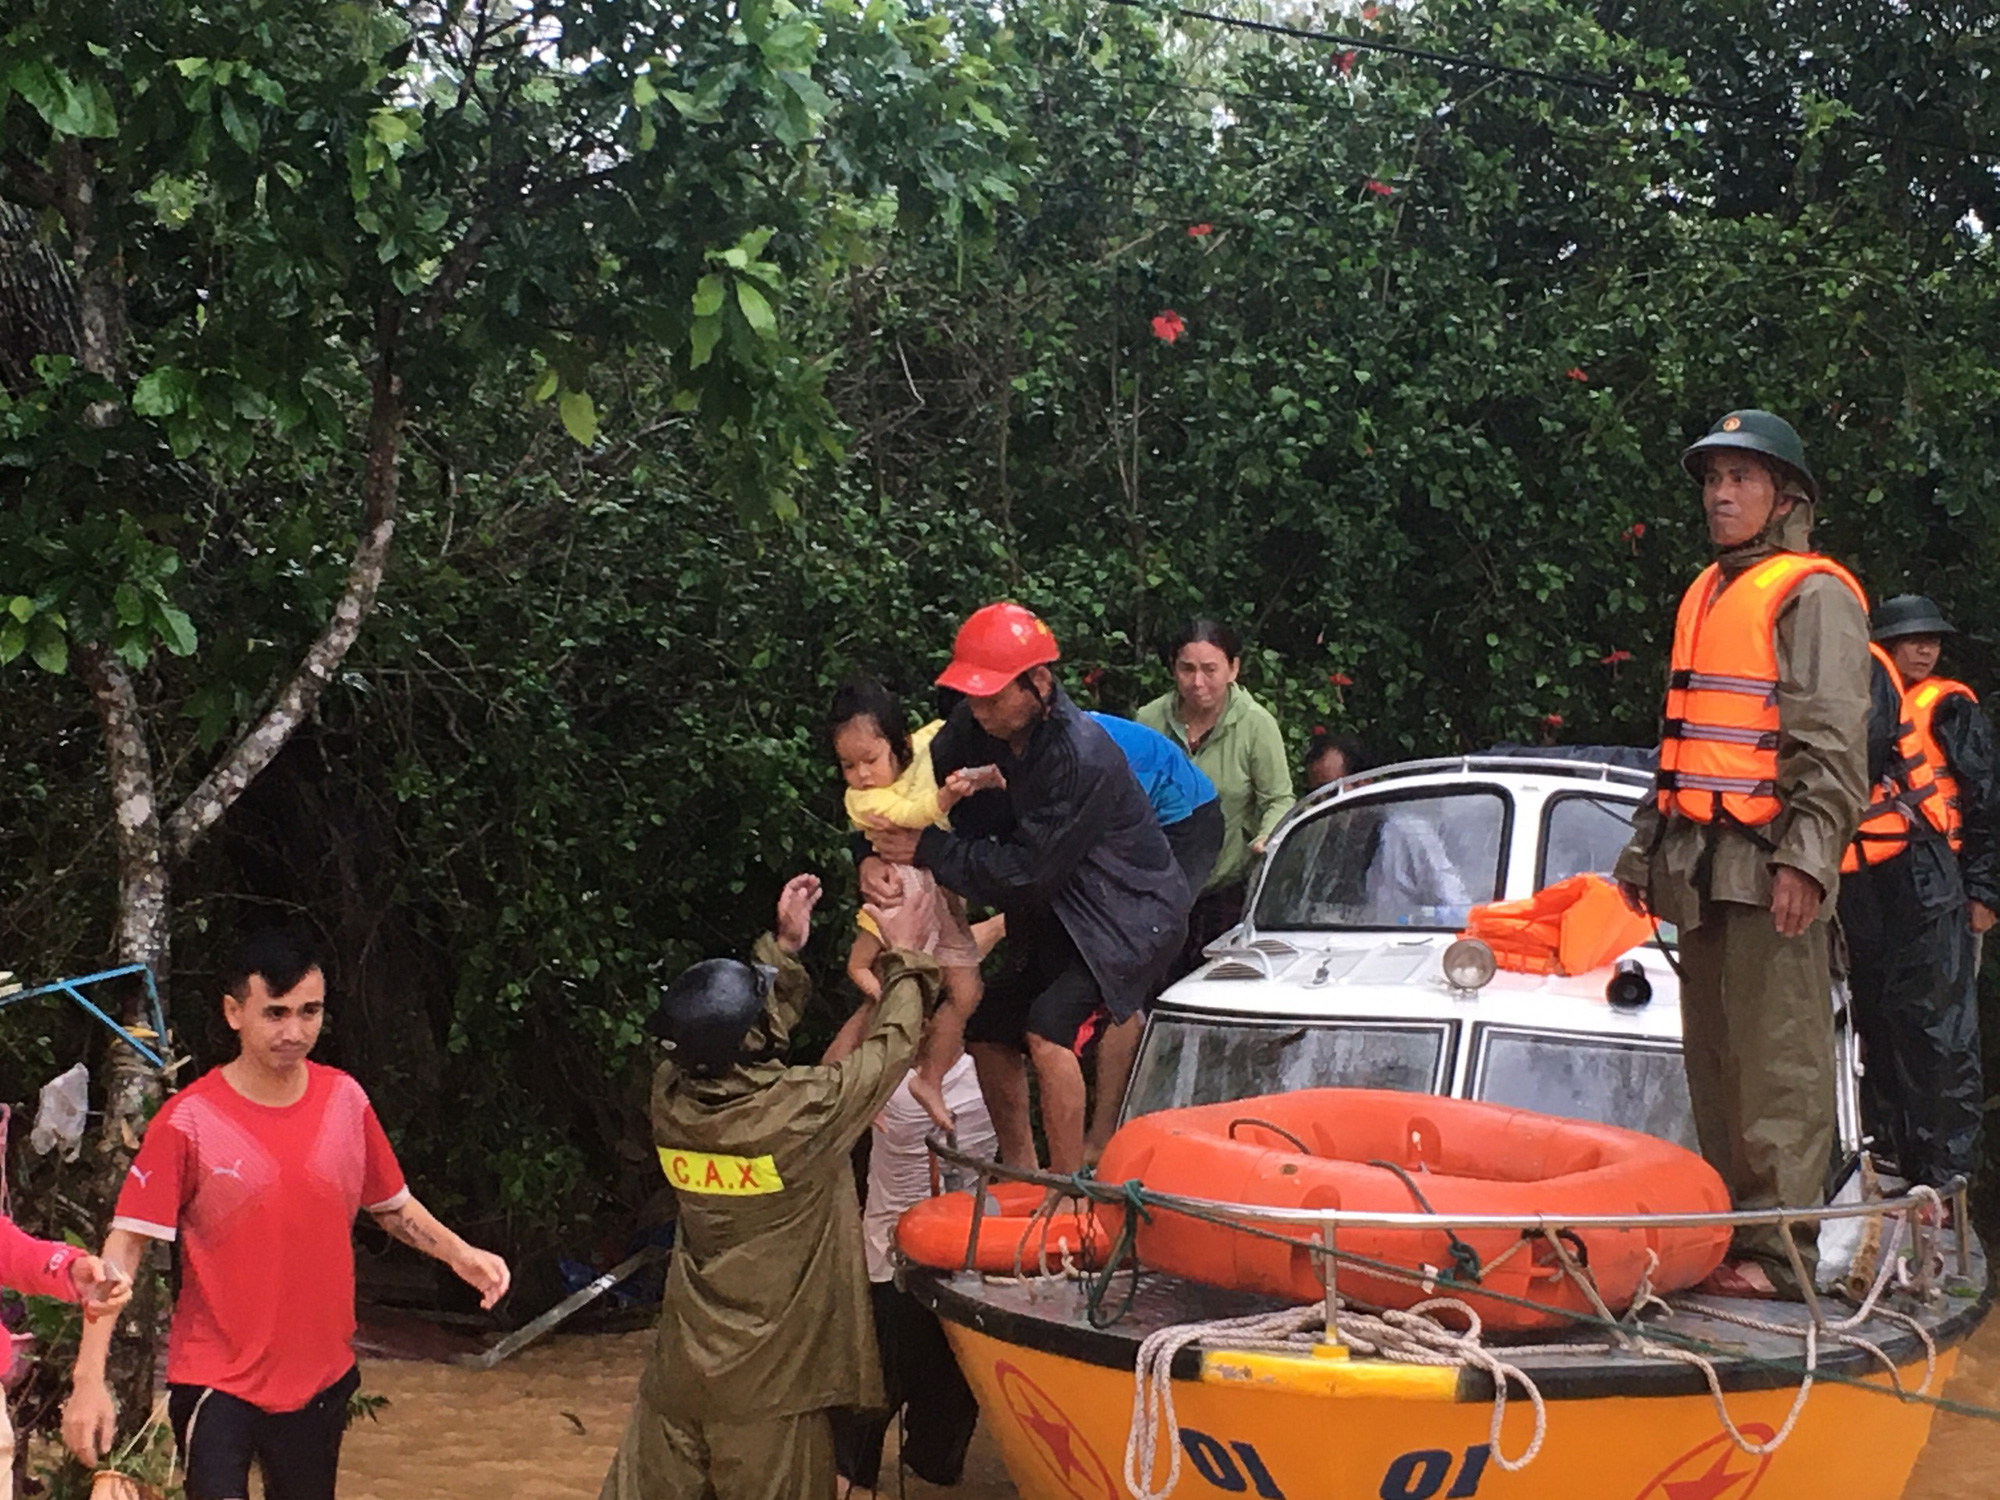 Bình Định hỗ trợ 3 tỷ đồng cho 4 tỉnh bị lũ lụt - Ảnh 1.